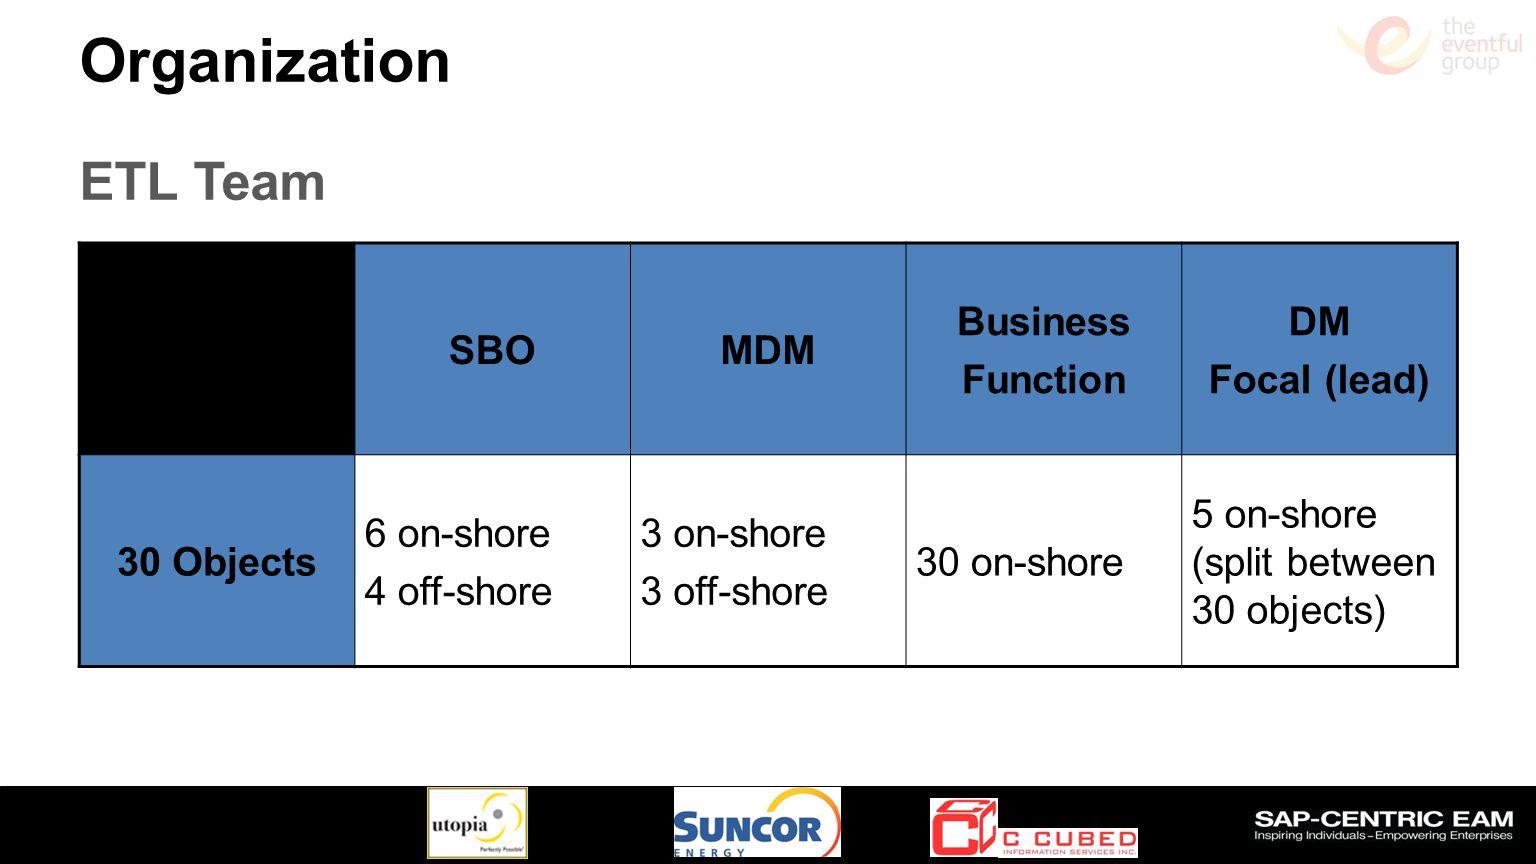 Slide 20 Organization ETL Team SBOMDM Business Function DM Focal (lead) 30 Objects 6 on-shore 4 off-shore 3 on-shore 3 off-shore 30 on-shore 5 on-shore (split between 30 objects)